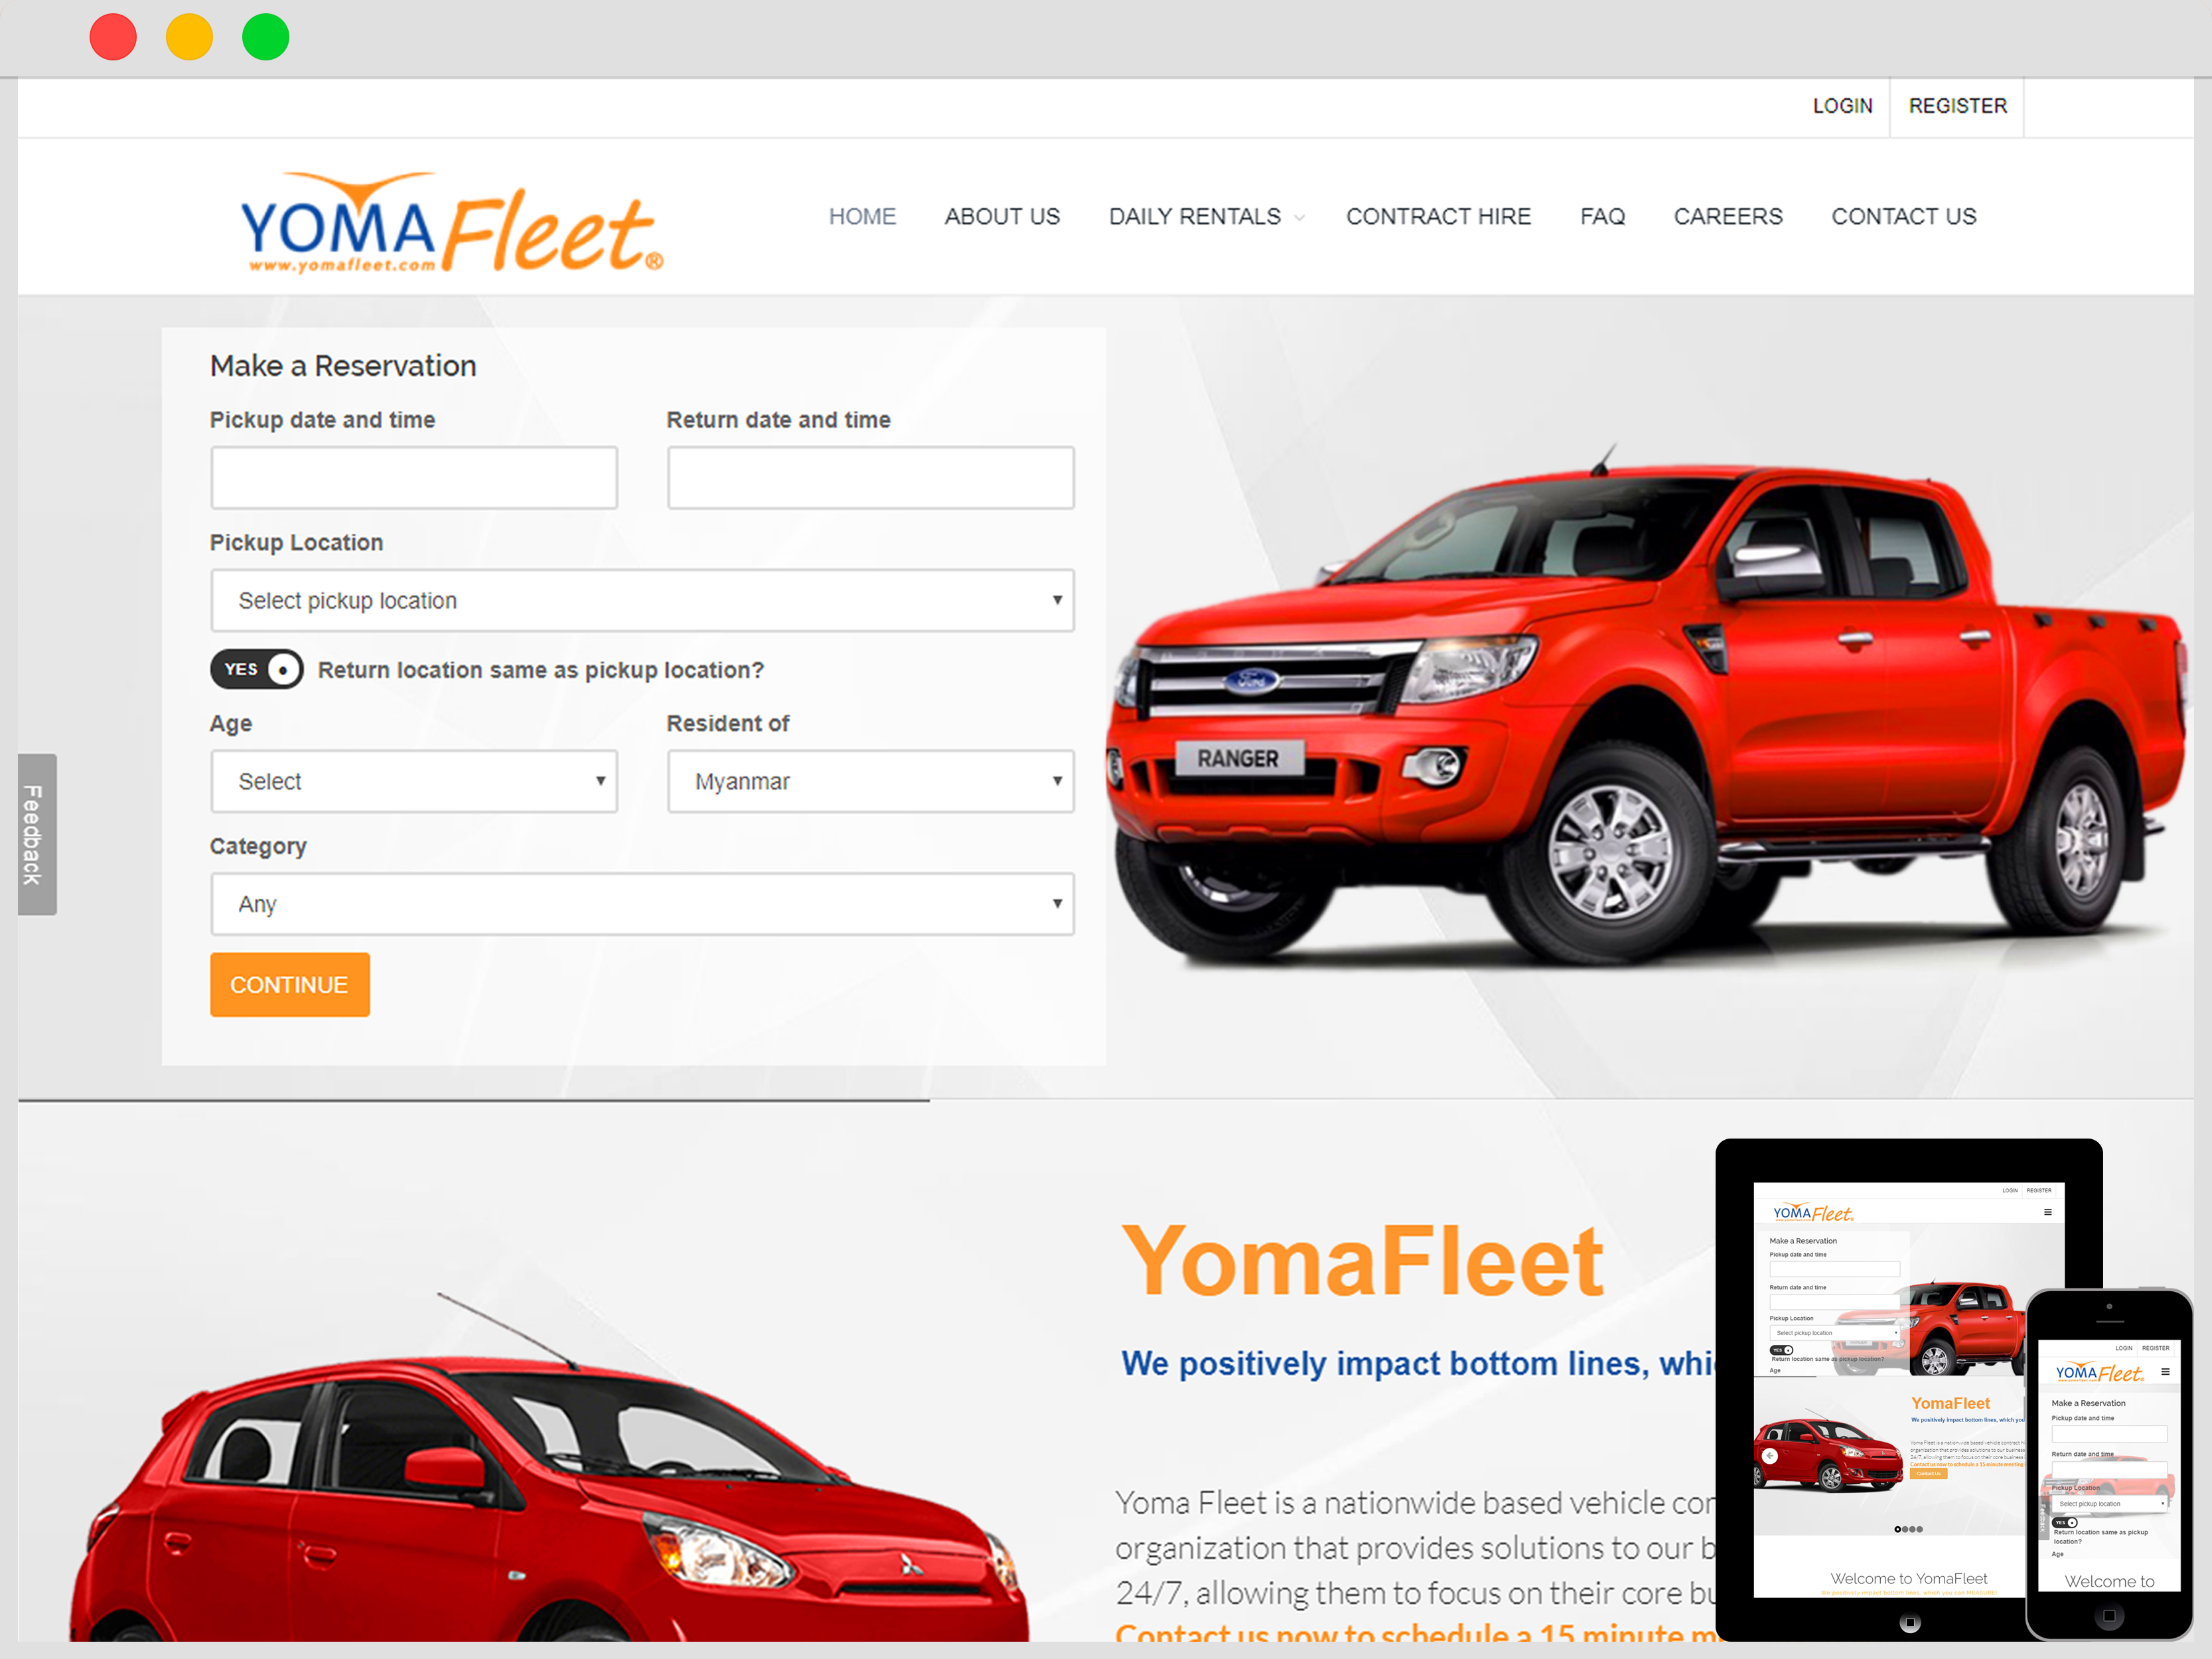 Yoma Fleet